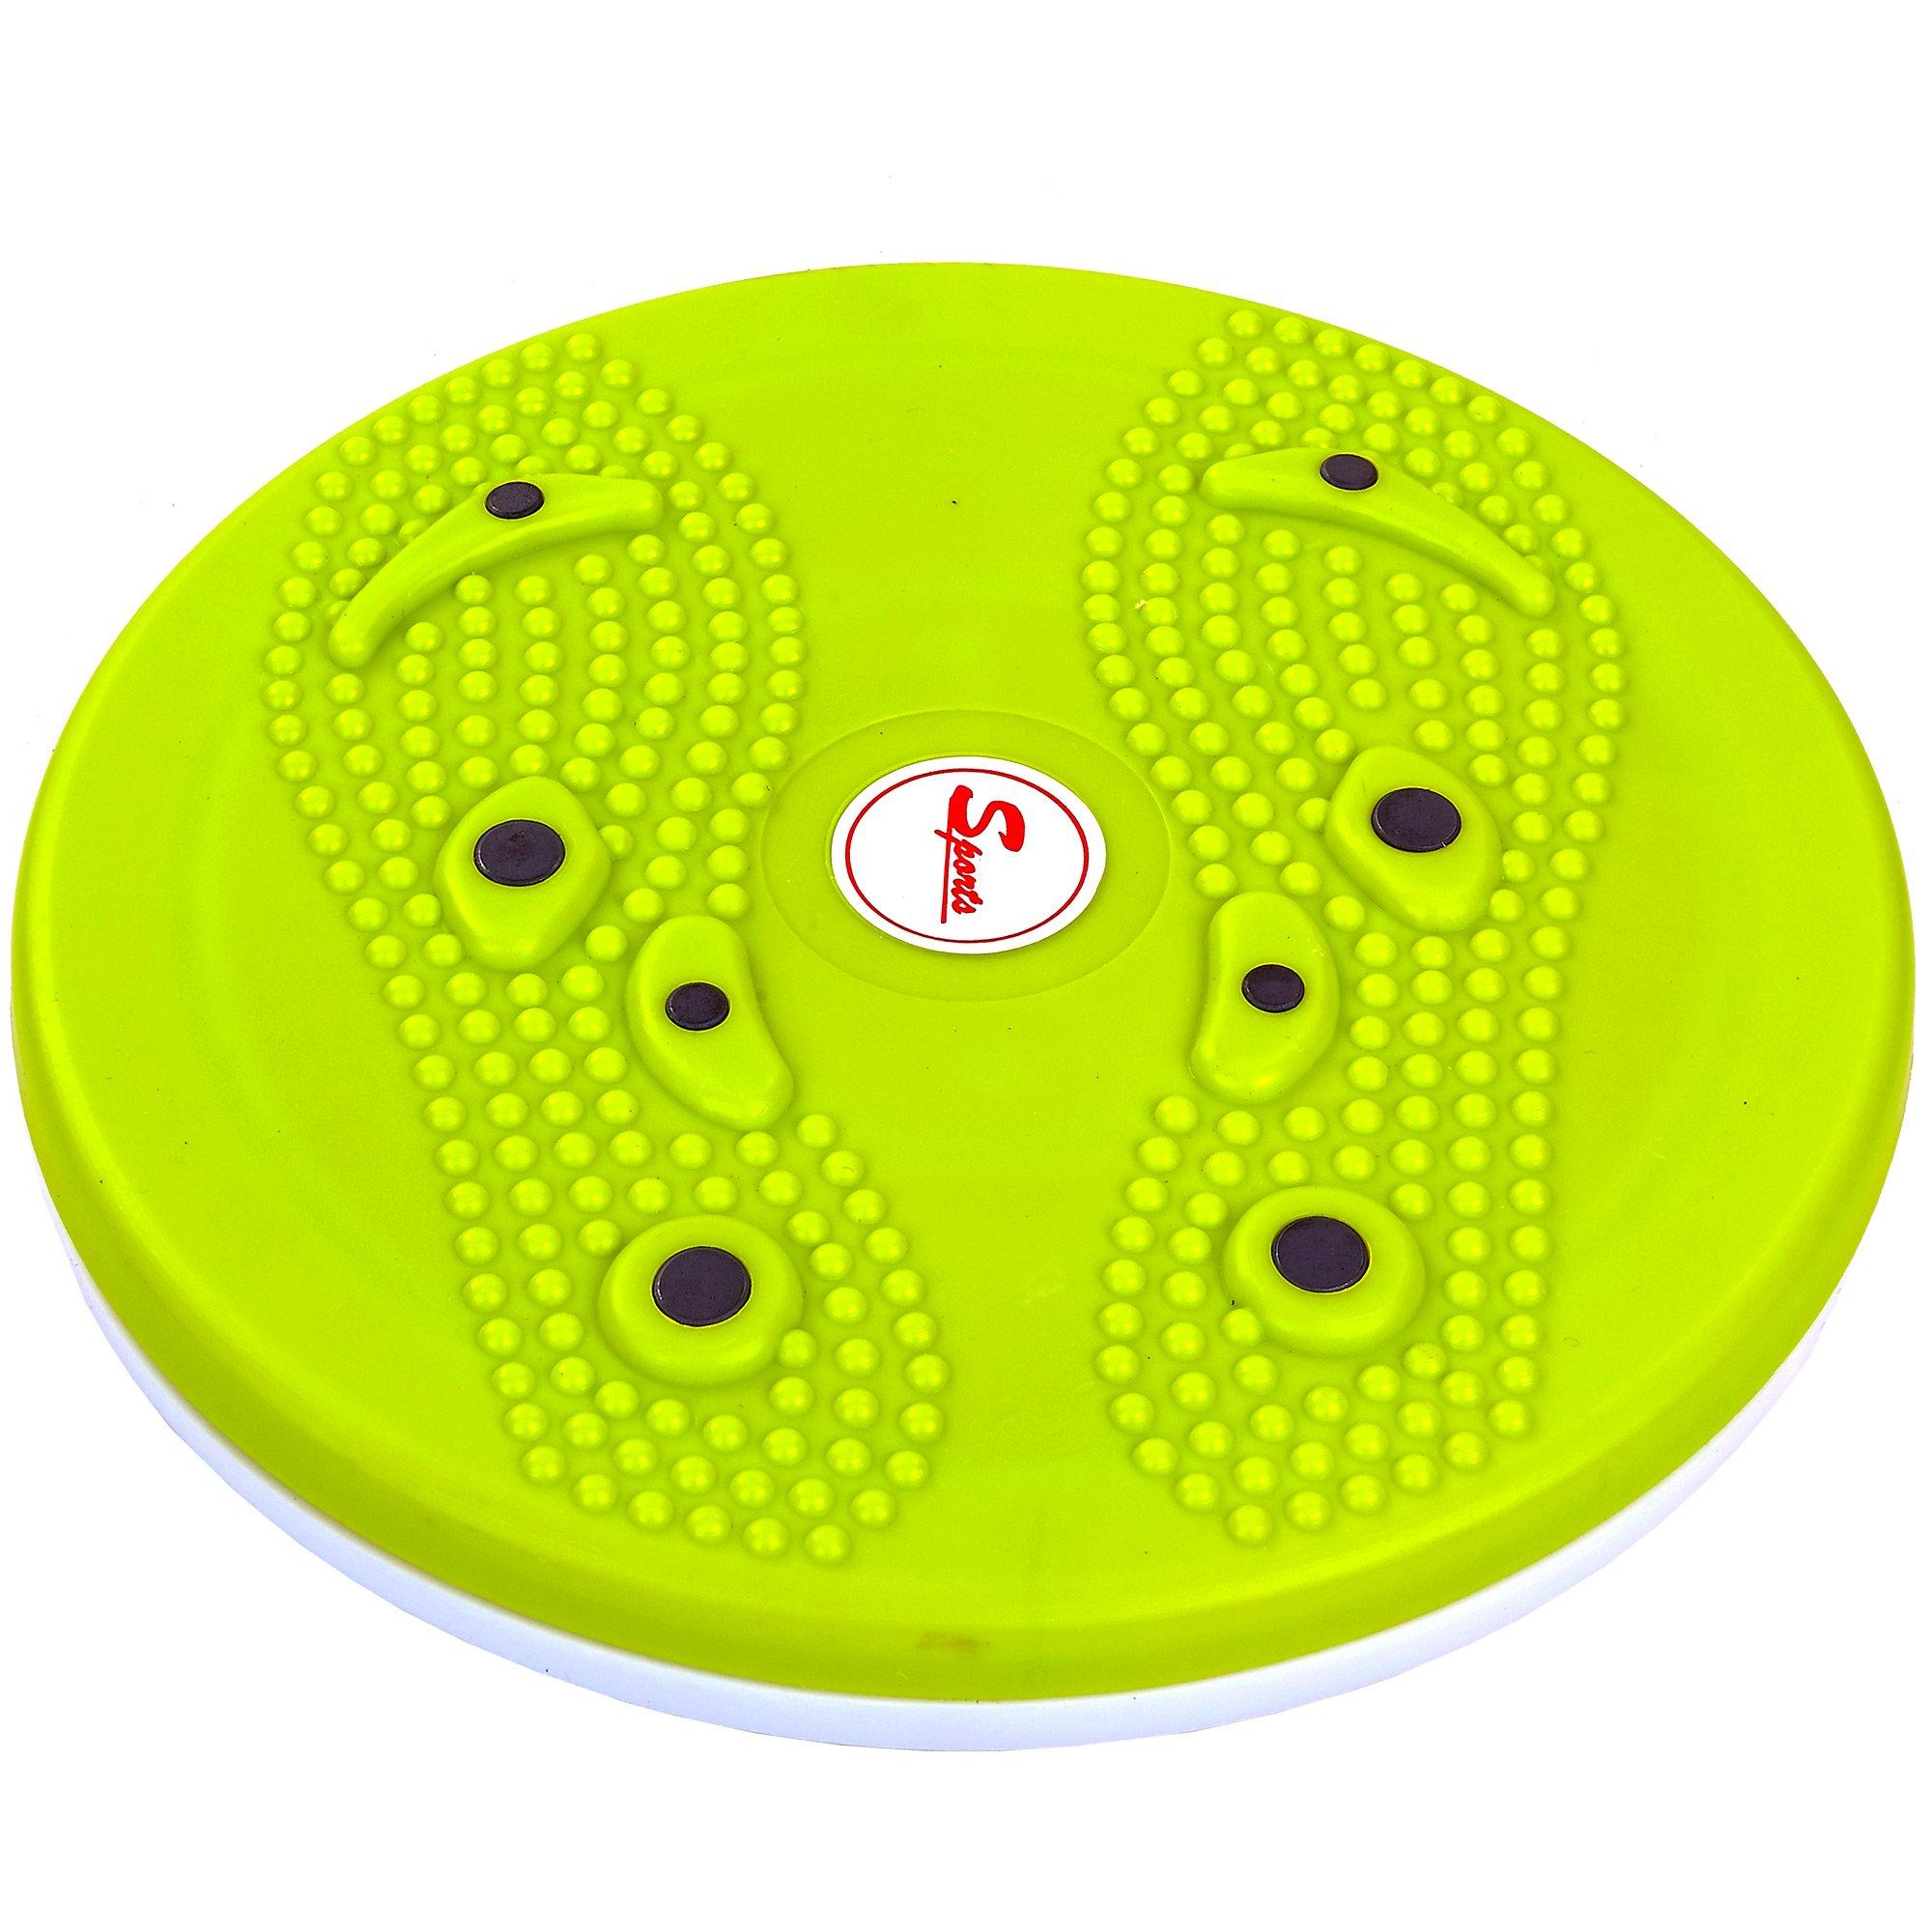 Диск здоровья с магнитами и массажером рефлекторных зон на стопах Pro Supra (пластик, толщина-2,5см d-25см)